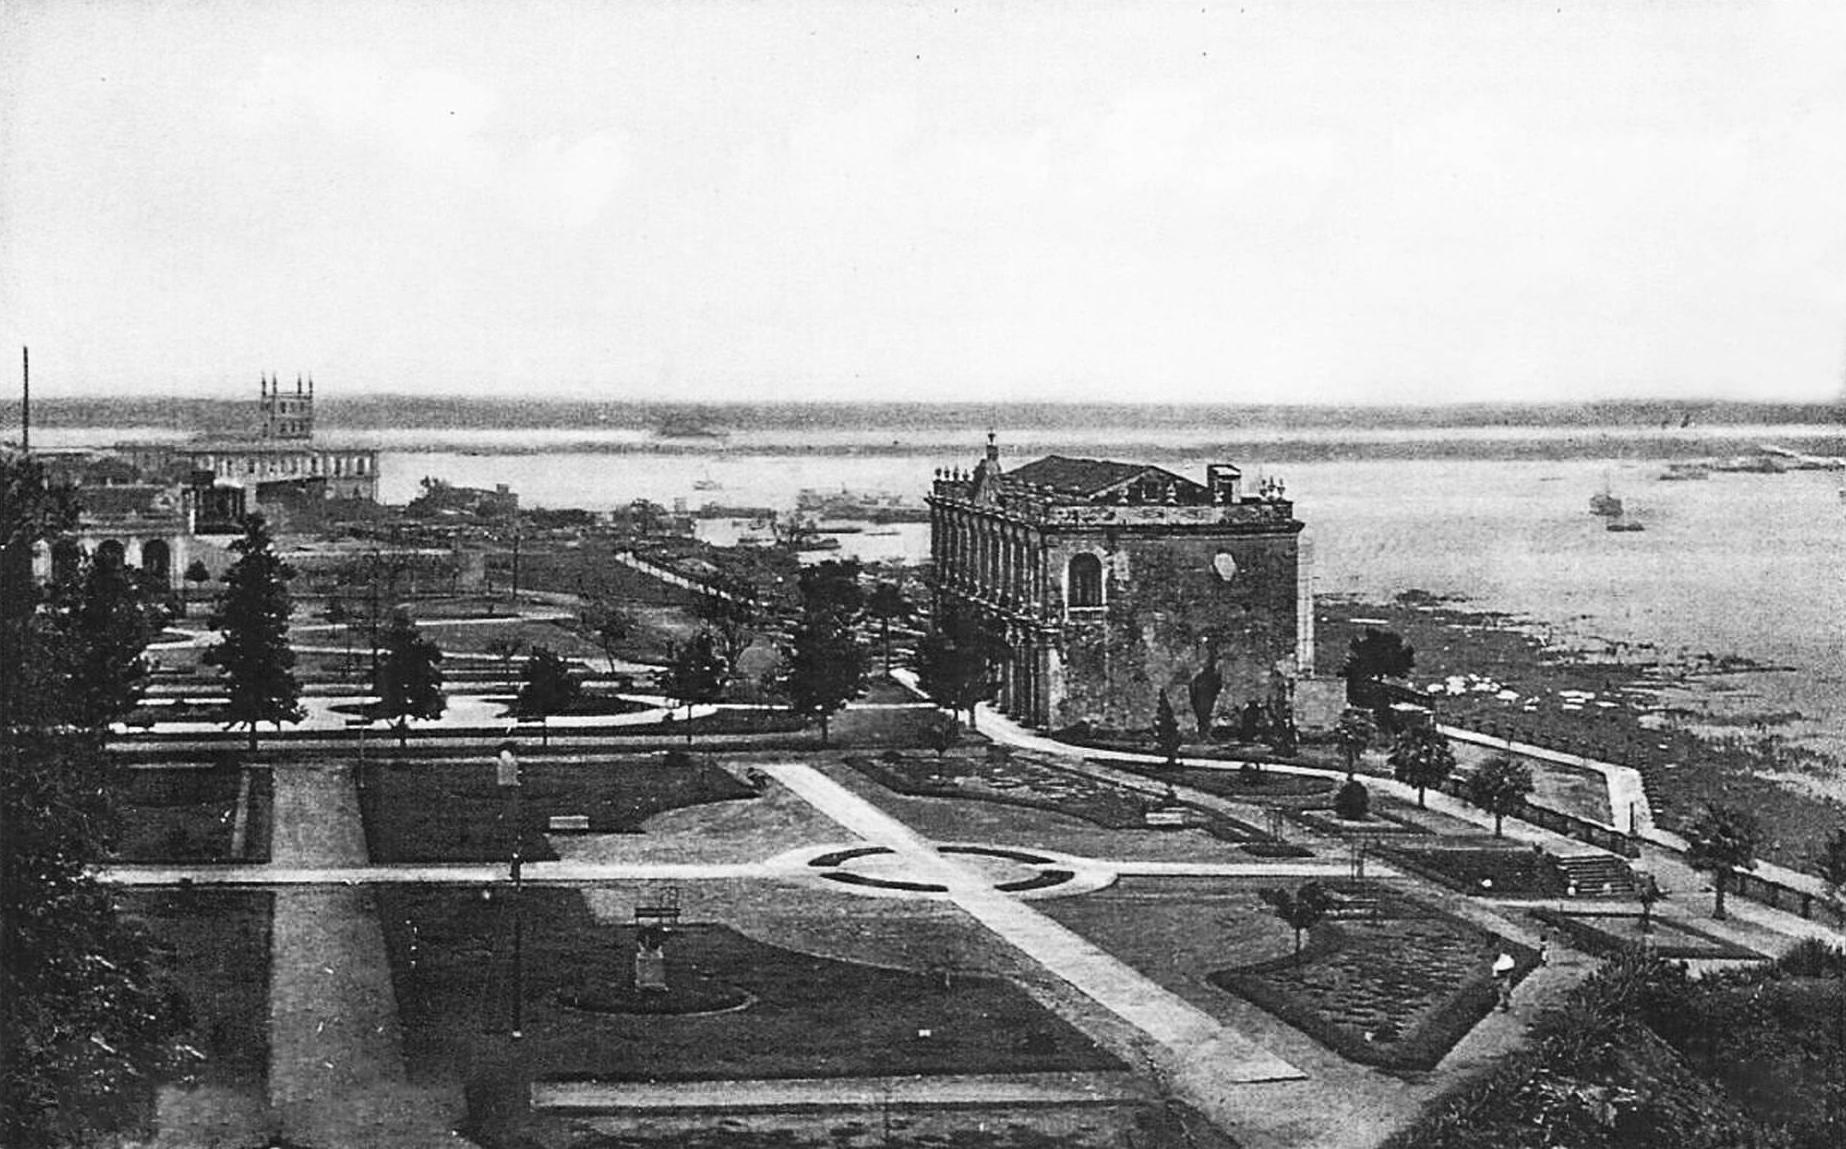 Jardines de ensanche, Plaza Constitución, ca. 1930